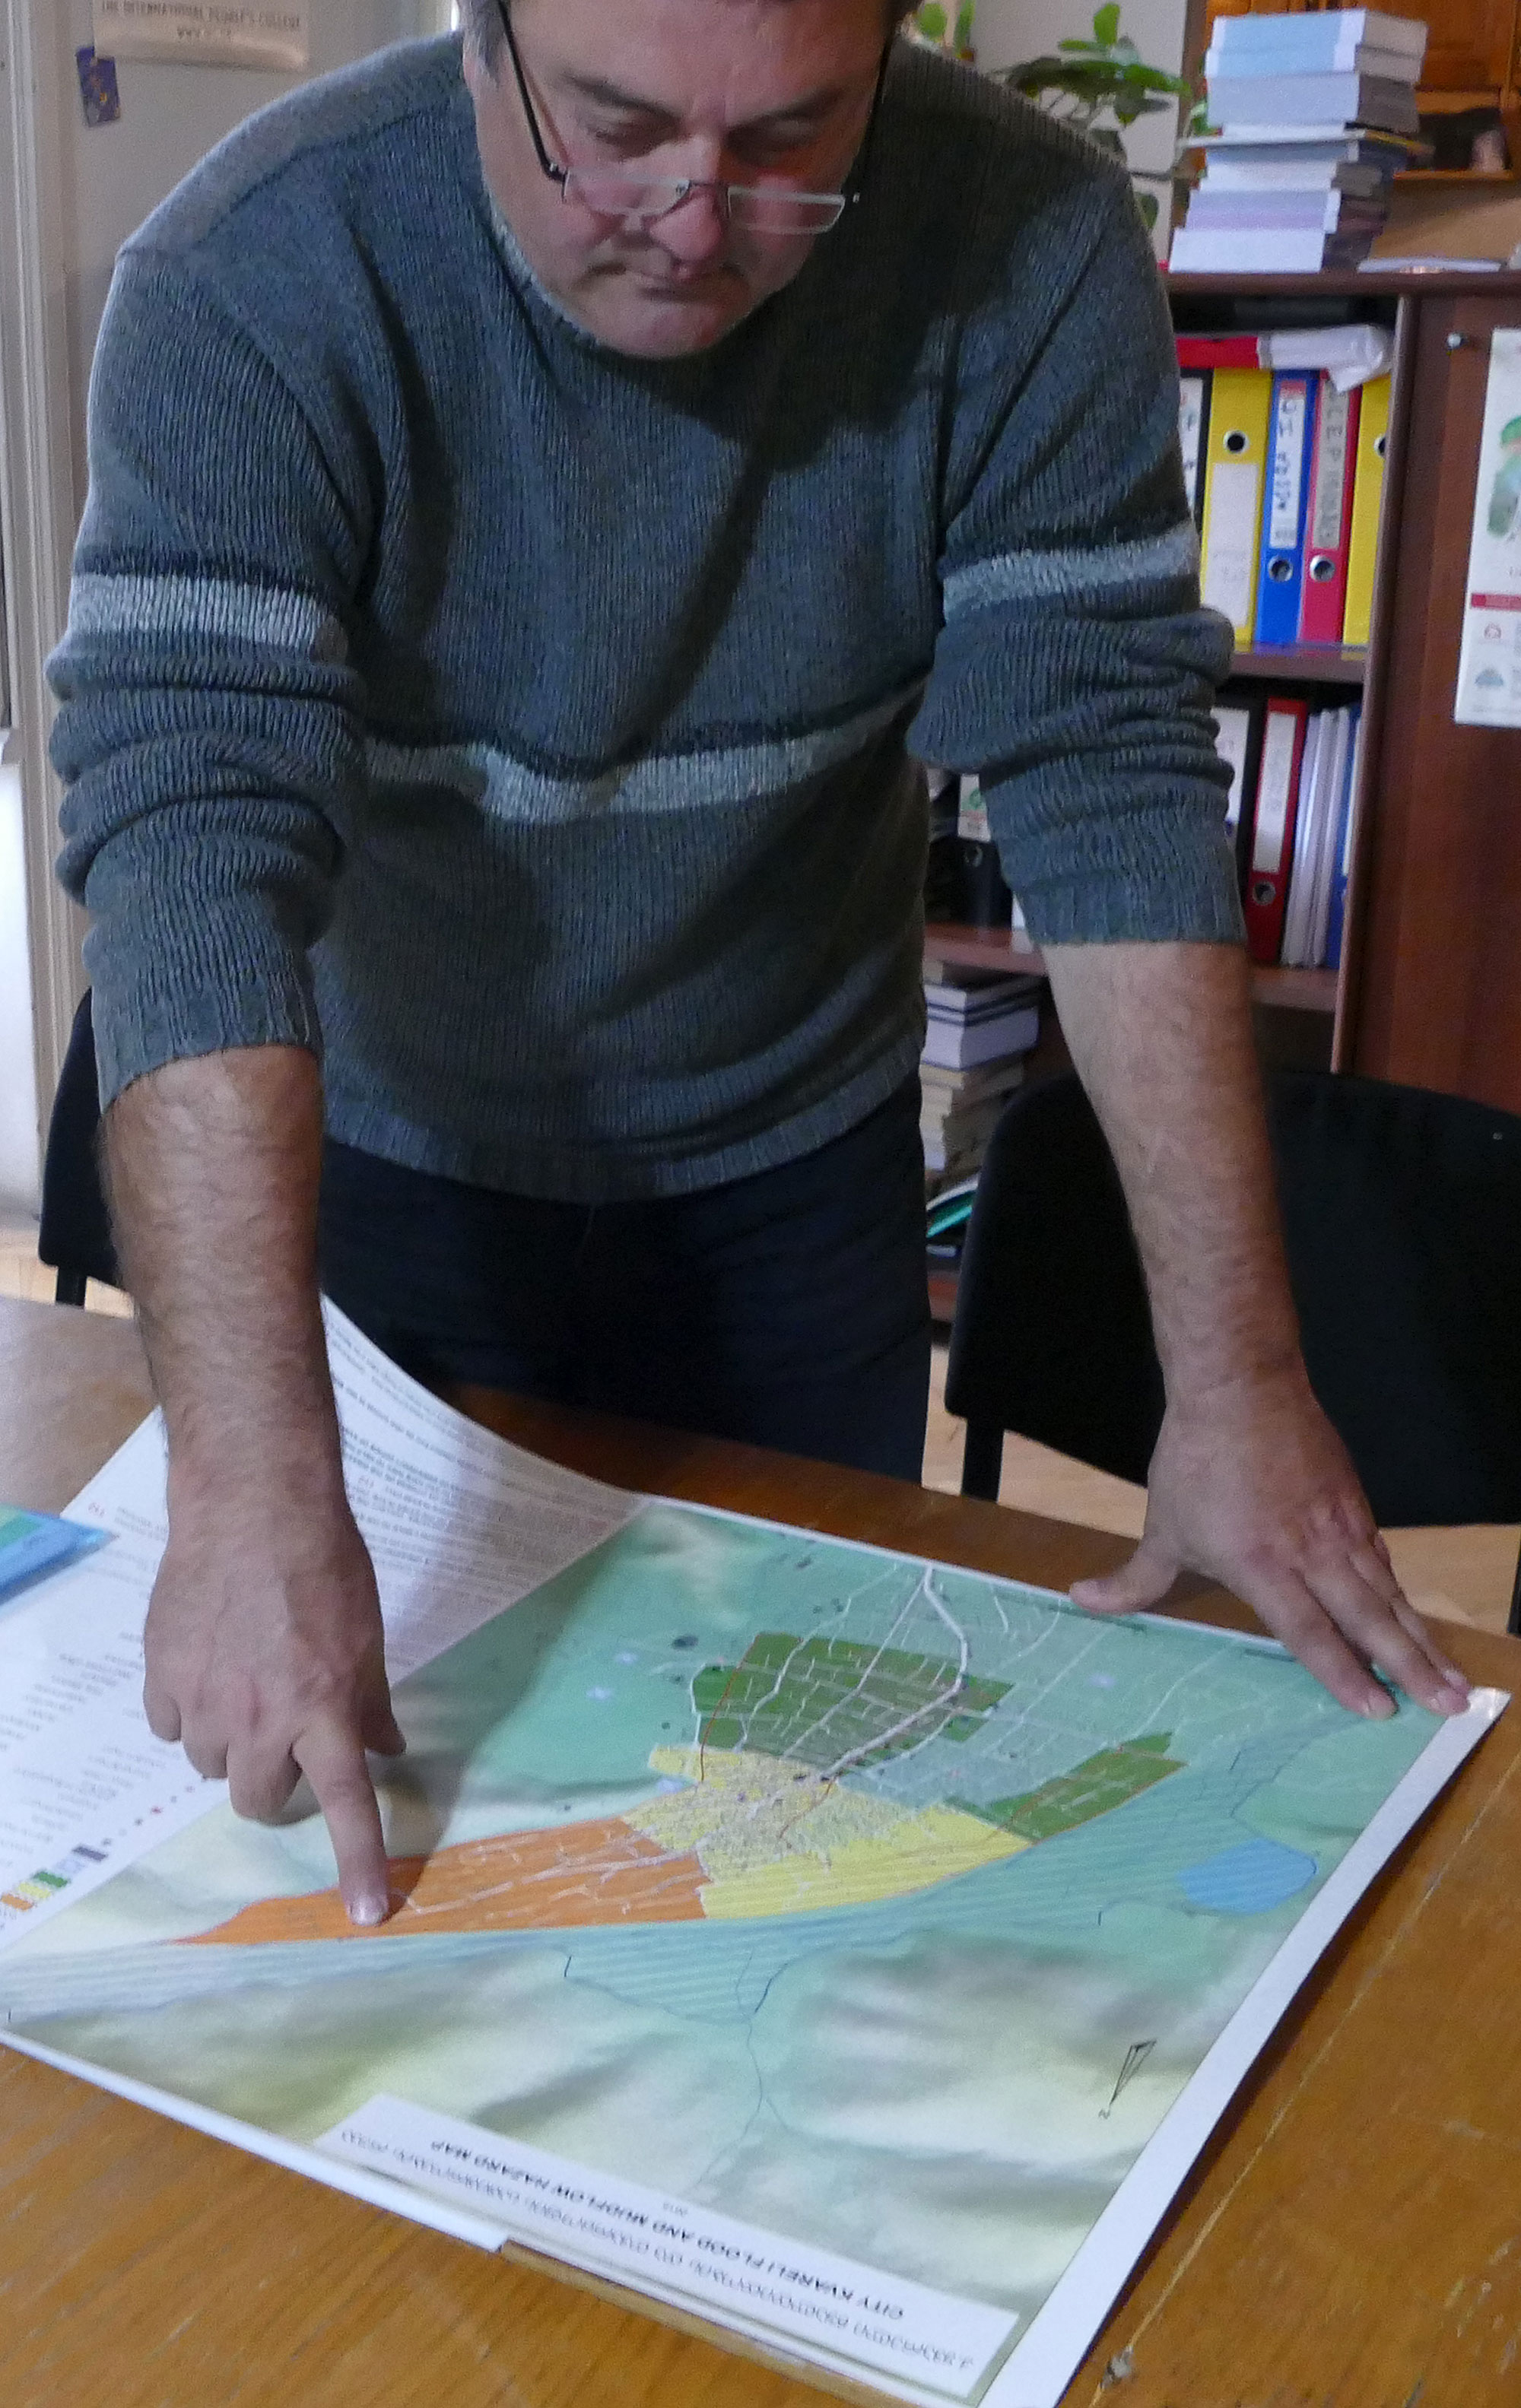 Aleko Baidoszwili pokazuje na mapie zagrożone rejony/fot. Marcin Ogdowski